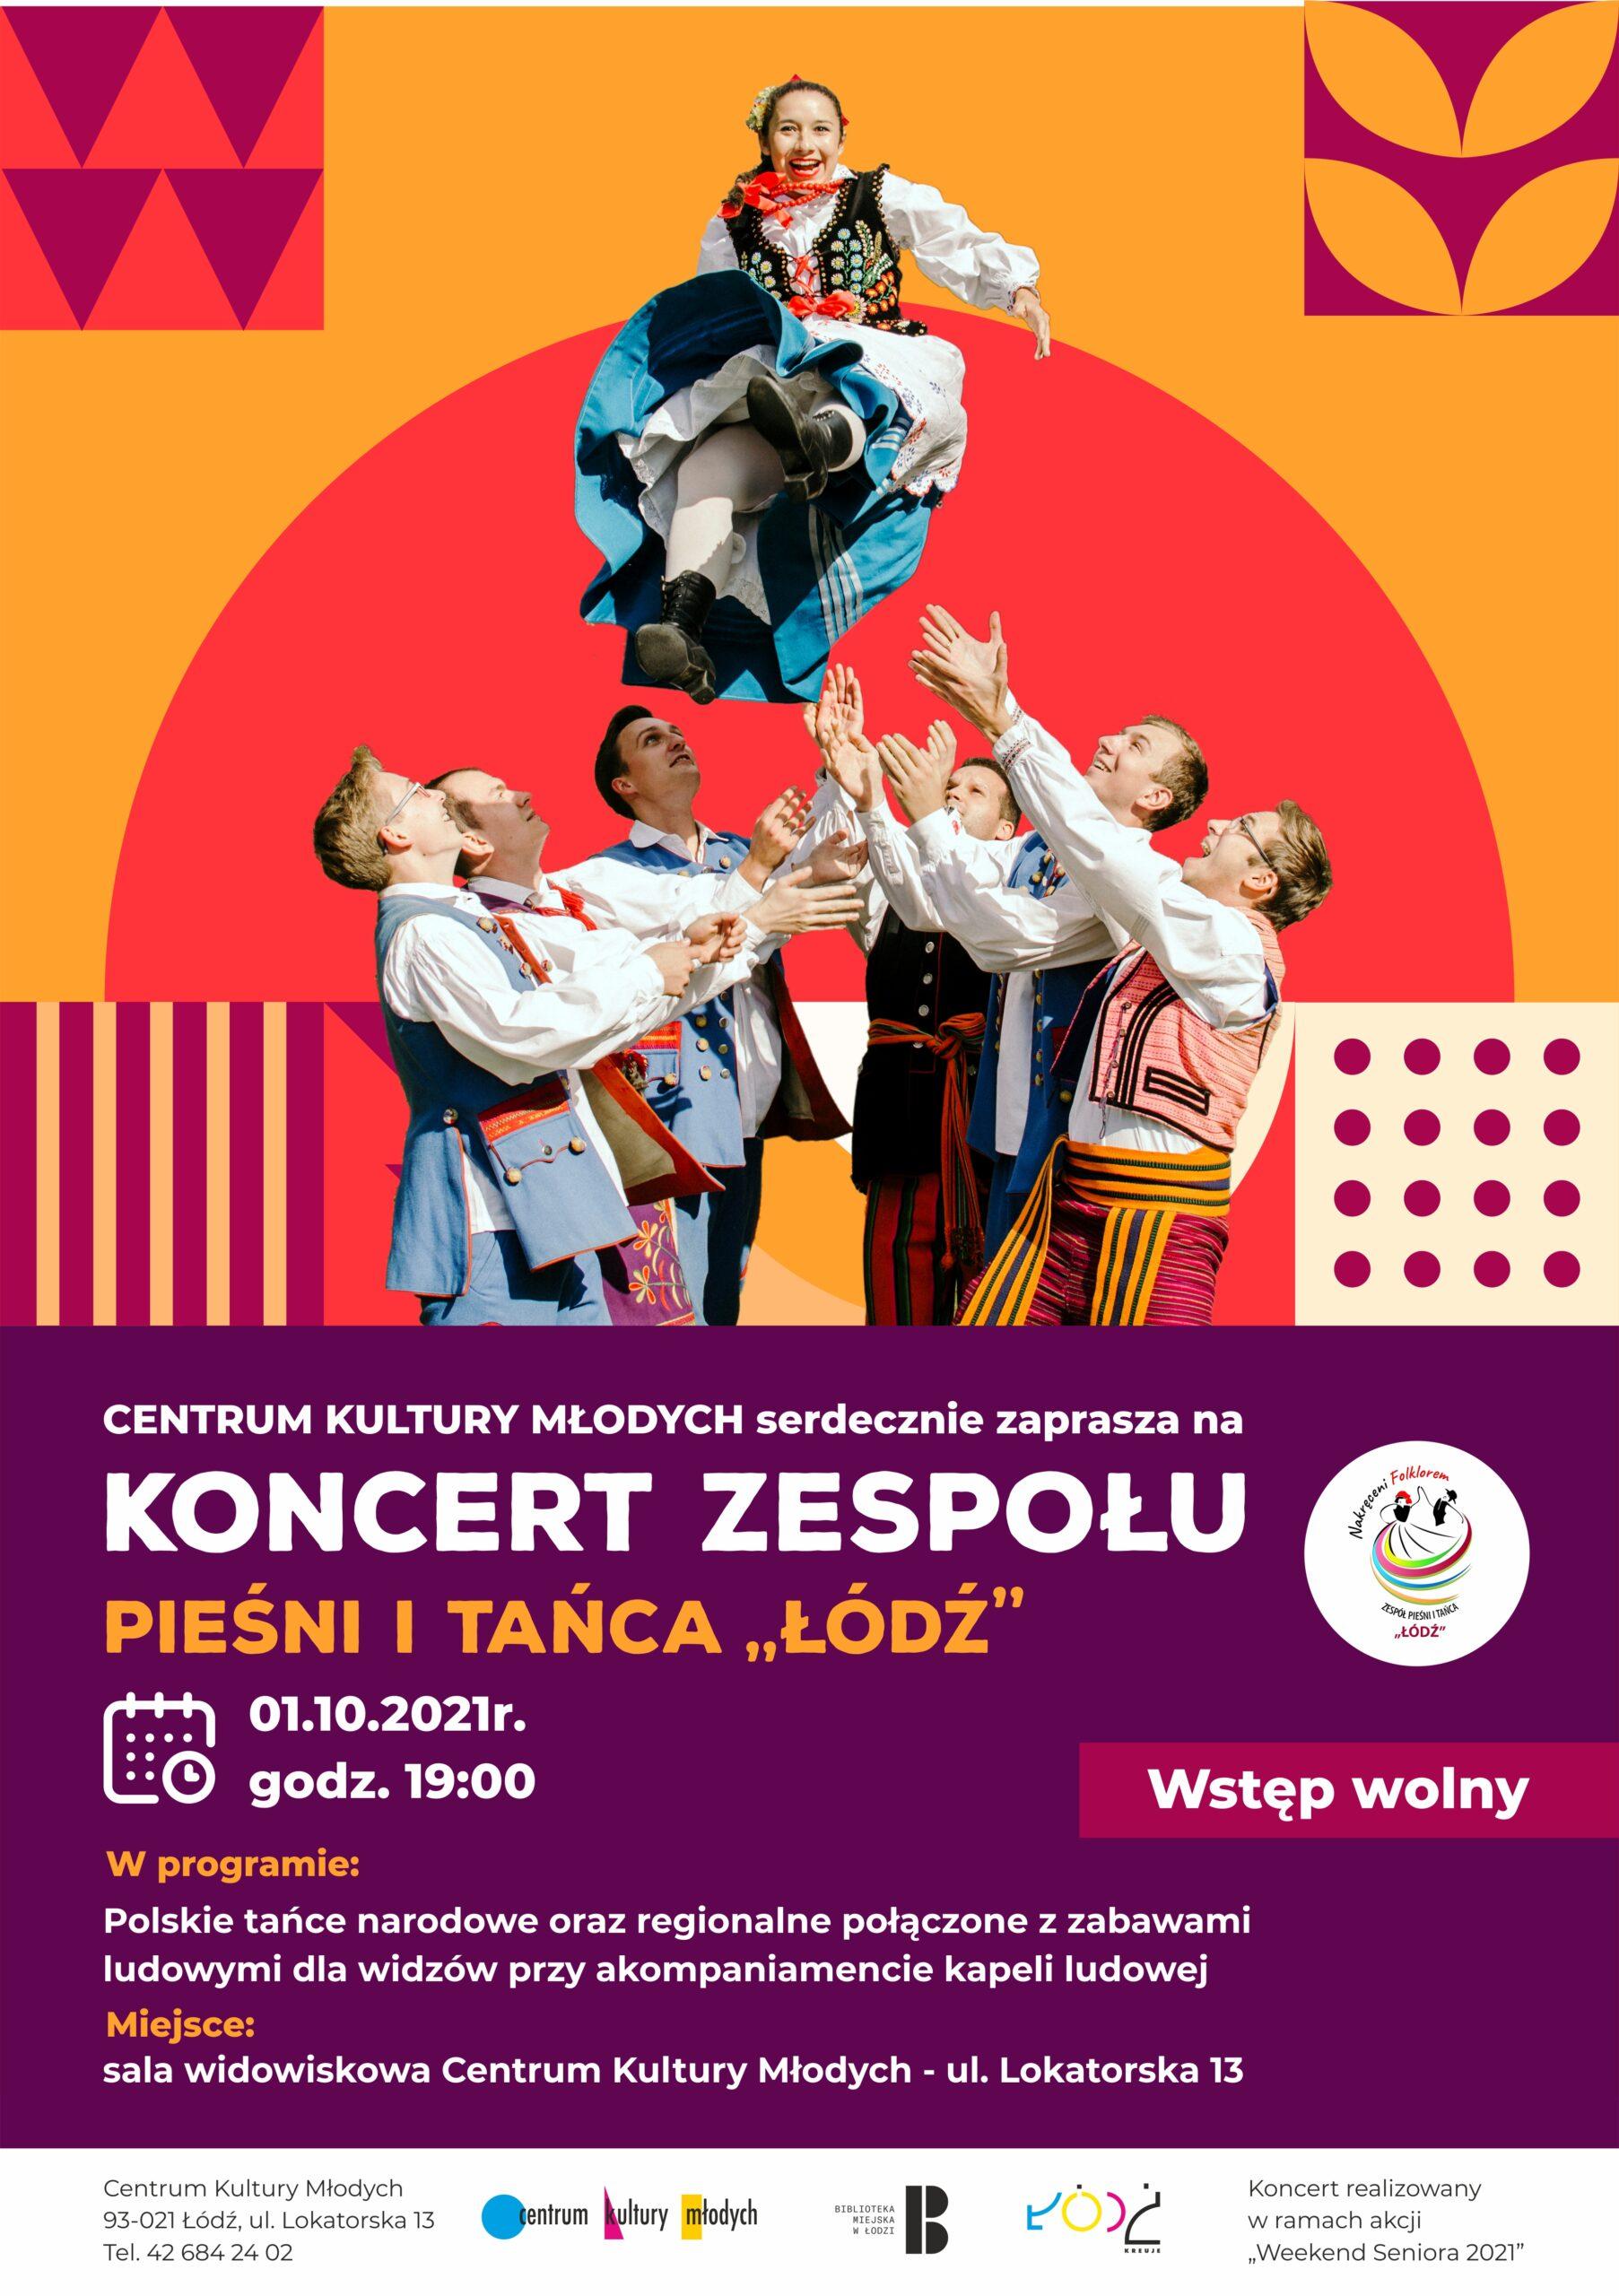 koncert zespołu pieśni i tańca Łódź plakat